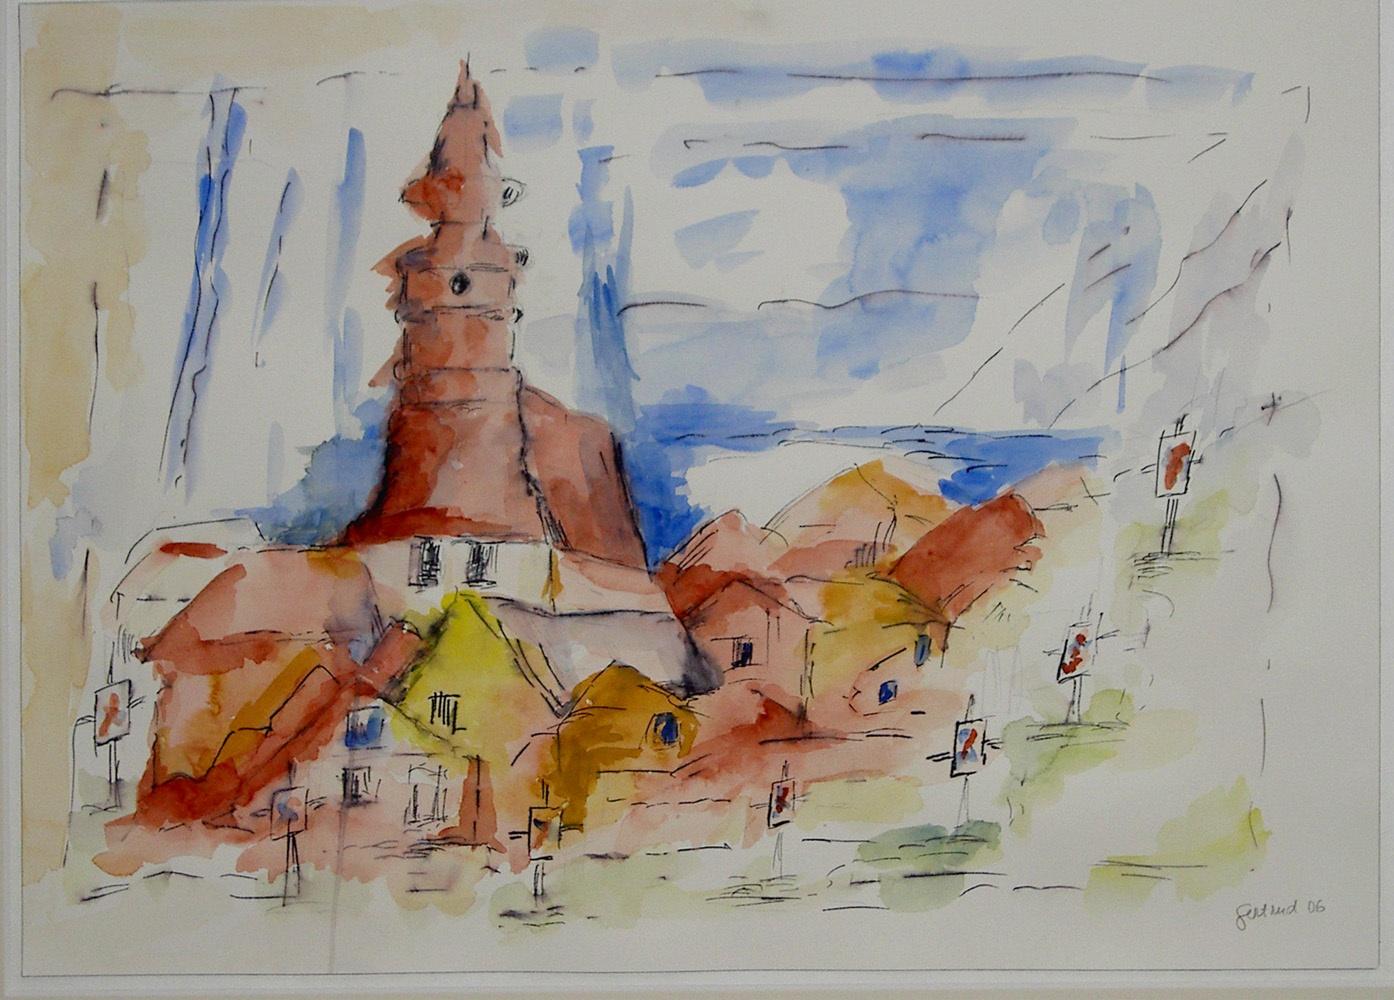 Annaberger Vision. Aquarell auf Papier, 35 x 46 cm. 1. Preis beim 2. Annaberger Aquarellwettbeweb.